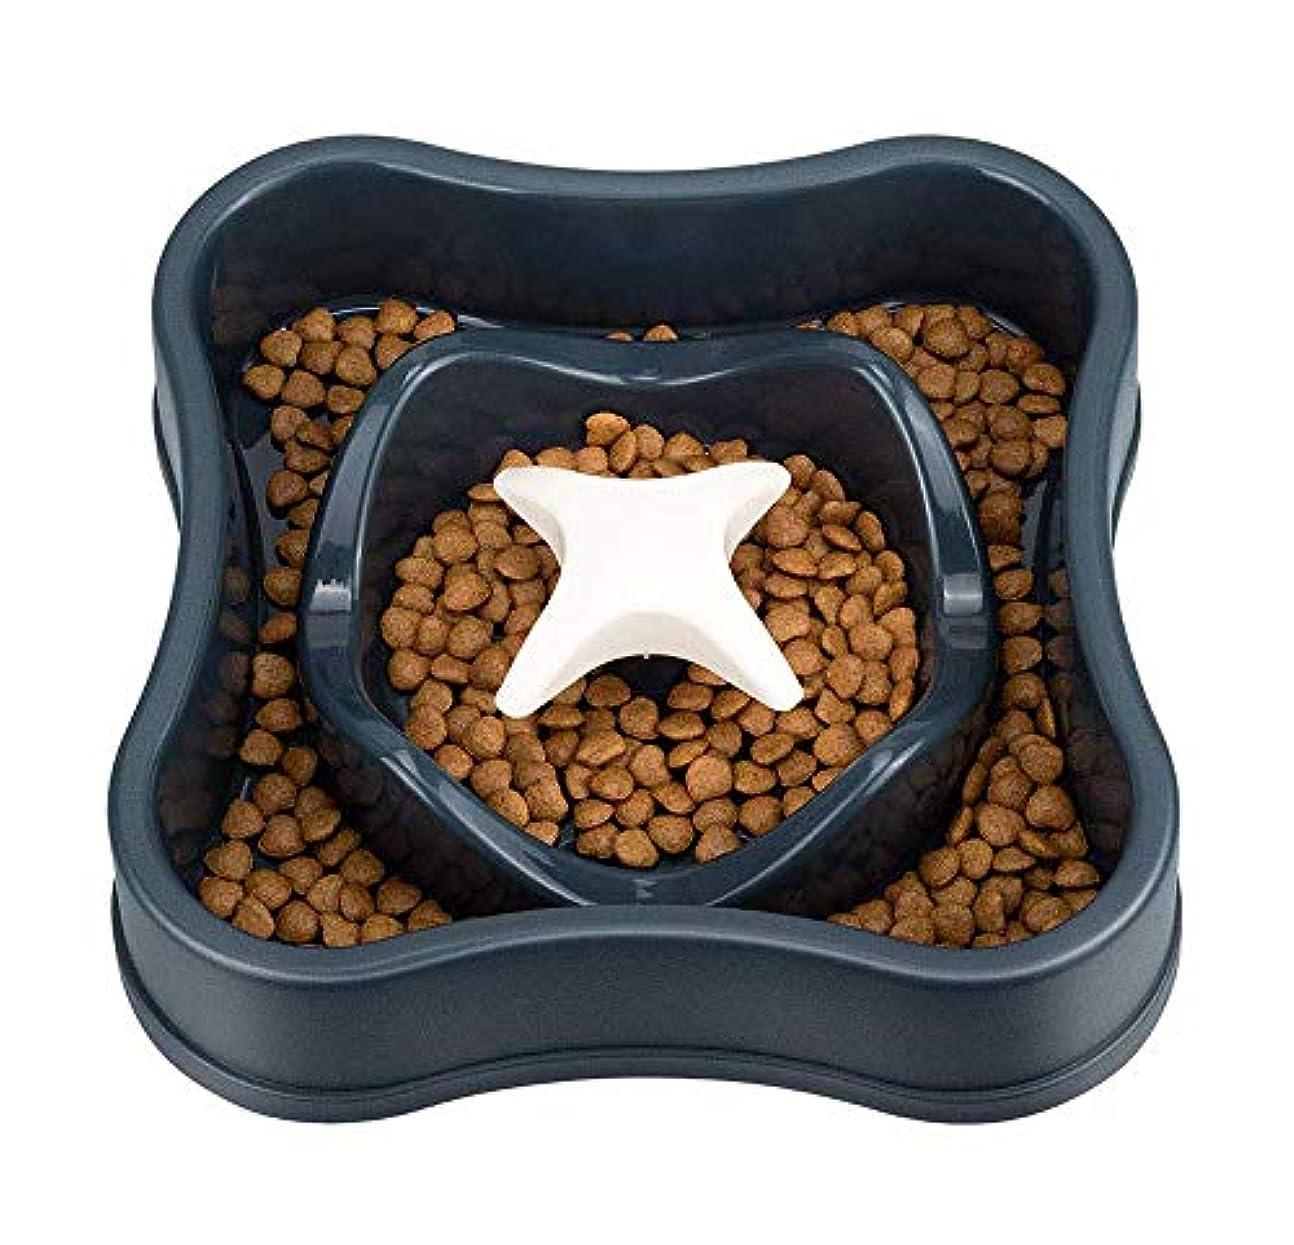 ペットスローフィーダーPP素材迷路インタラクティブ楽しい健康滑り止めウォーターディスペンサー犬猫ユニバーサルボウル(20.5 * 5cm)-black